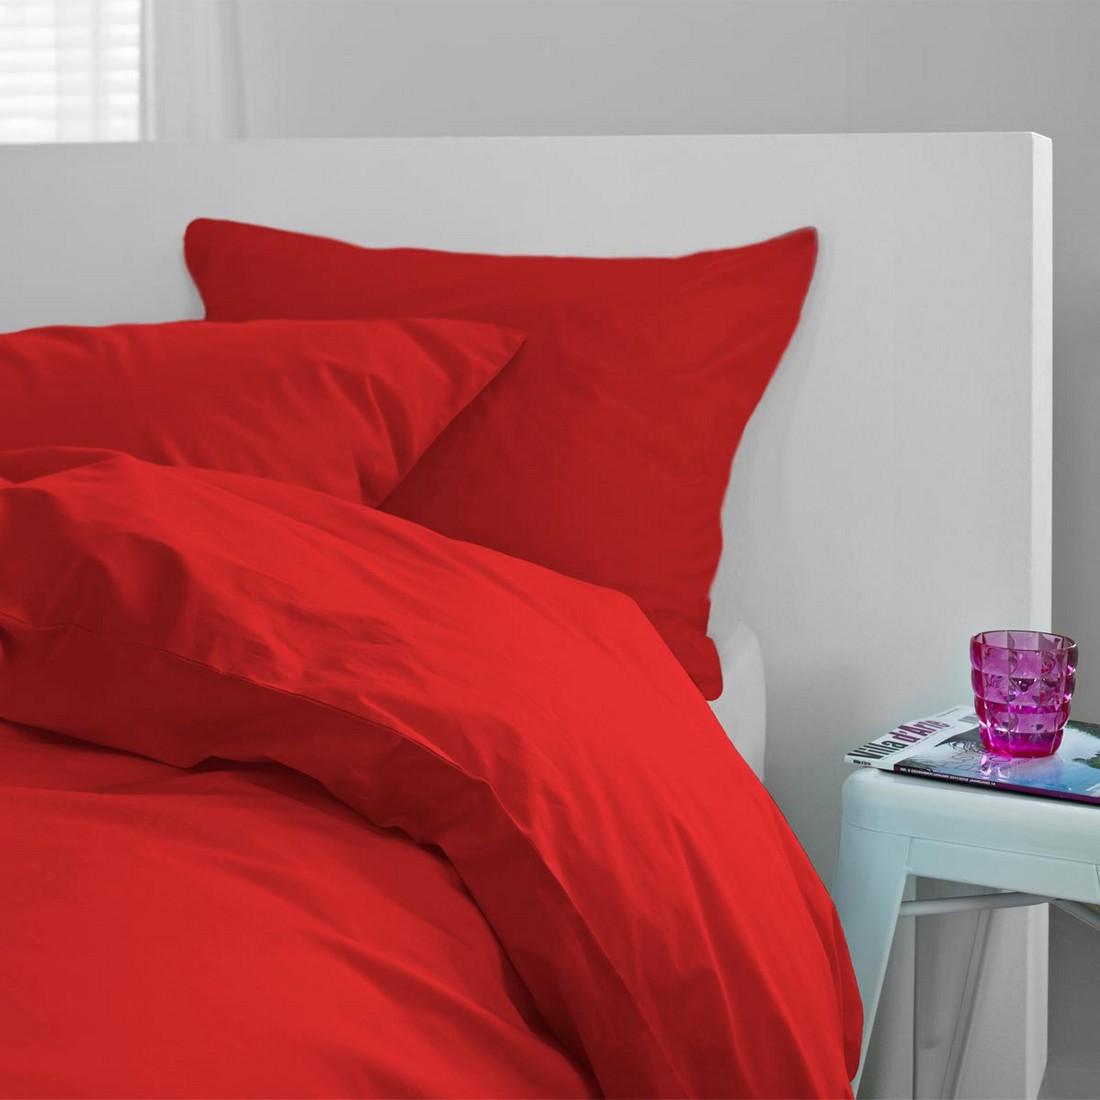 Satinbettwäsche Liguria rot – 100% Baumwolle Rot – Ausführung 155×220 cm + 80×80 cm, Essenza jetzt kaufen